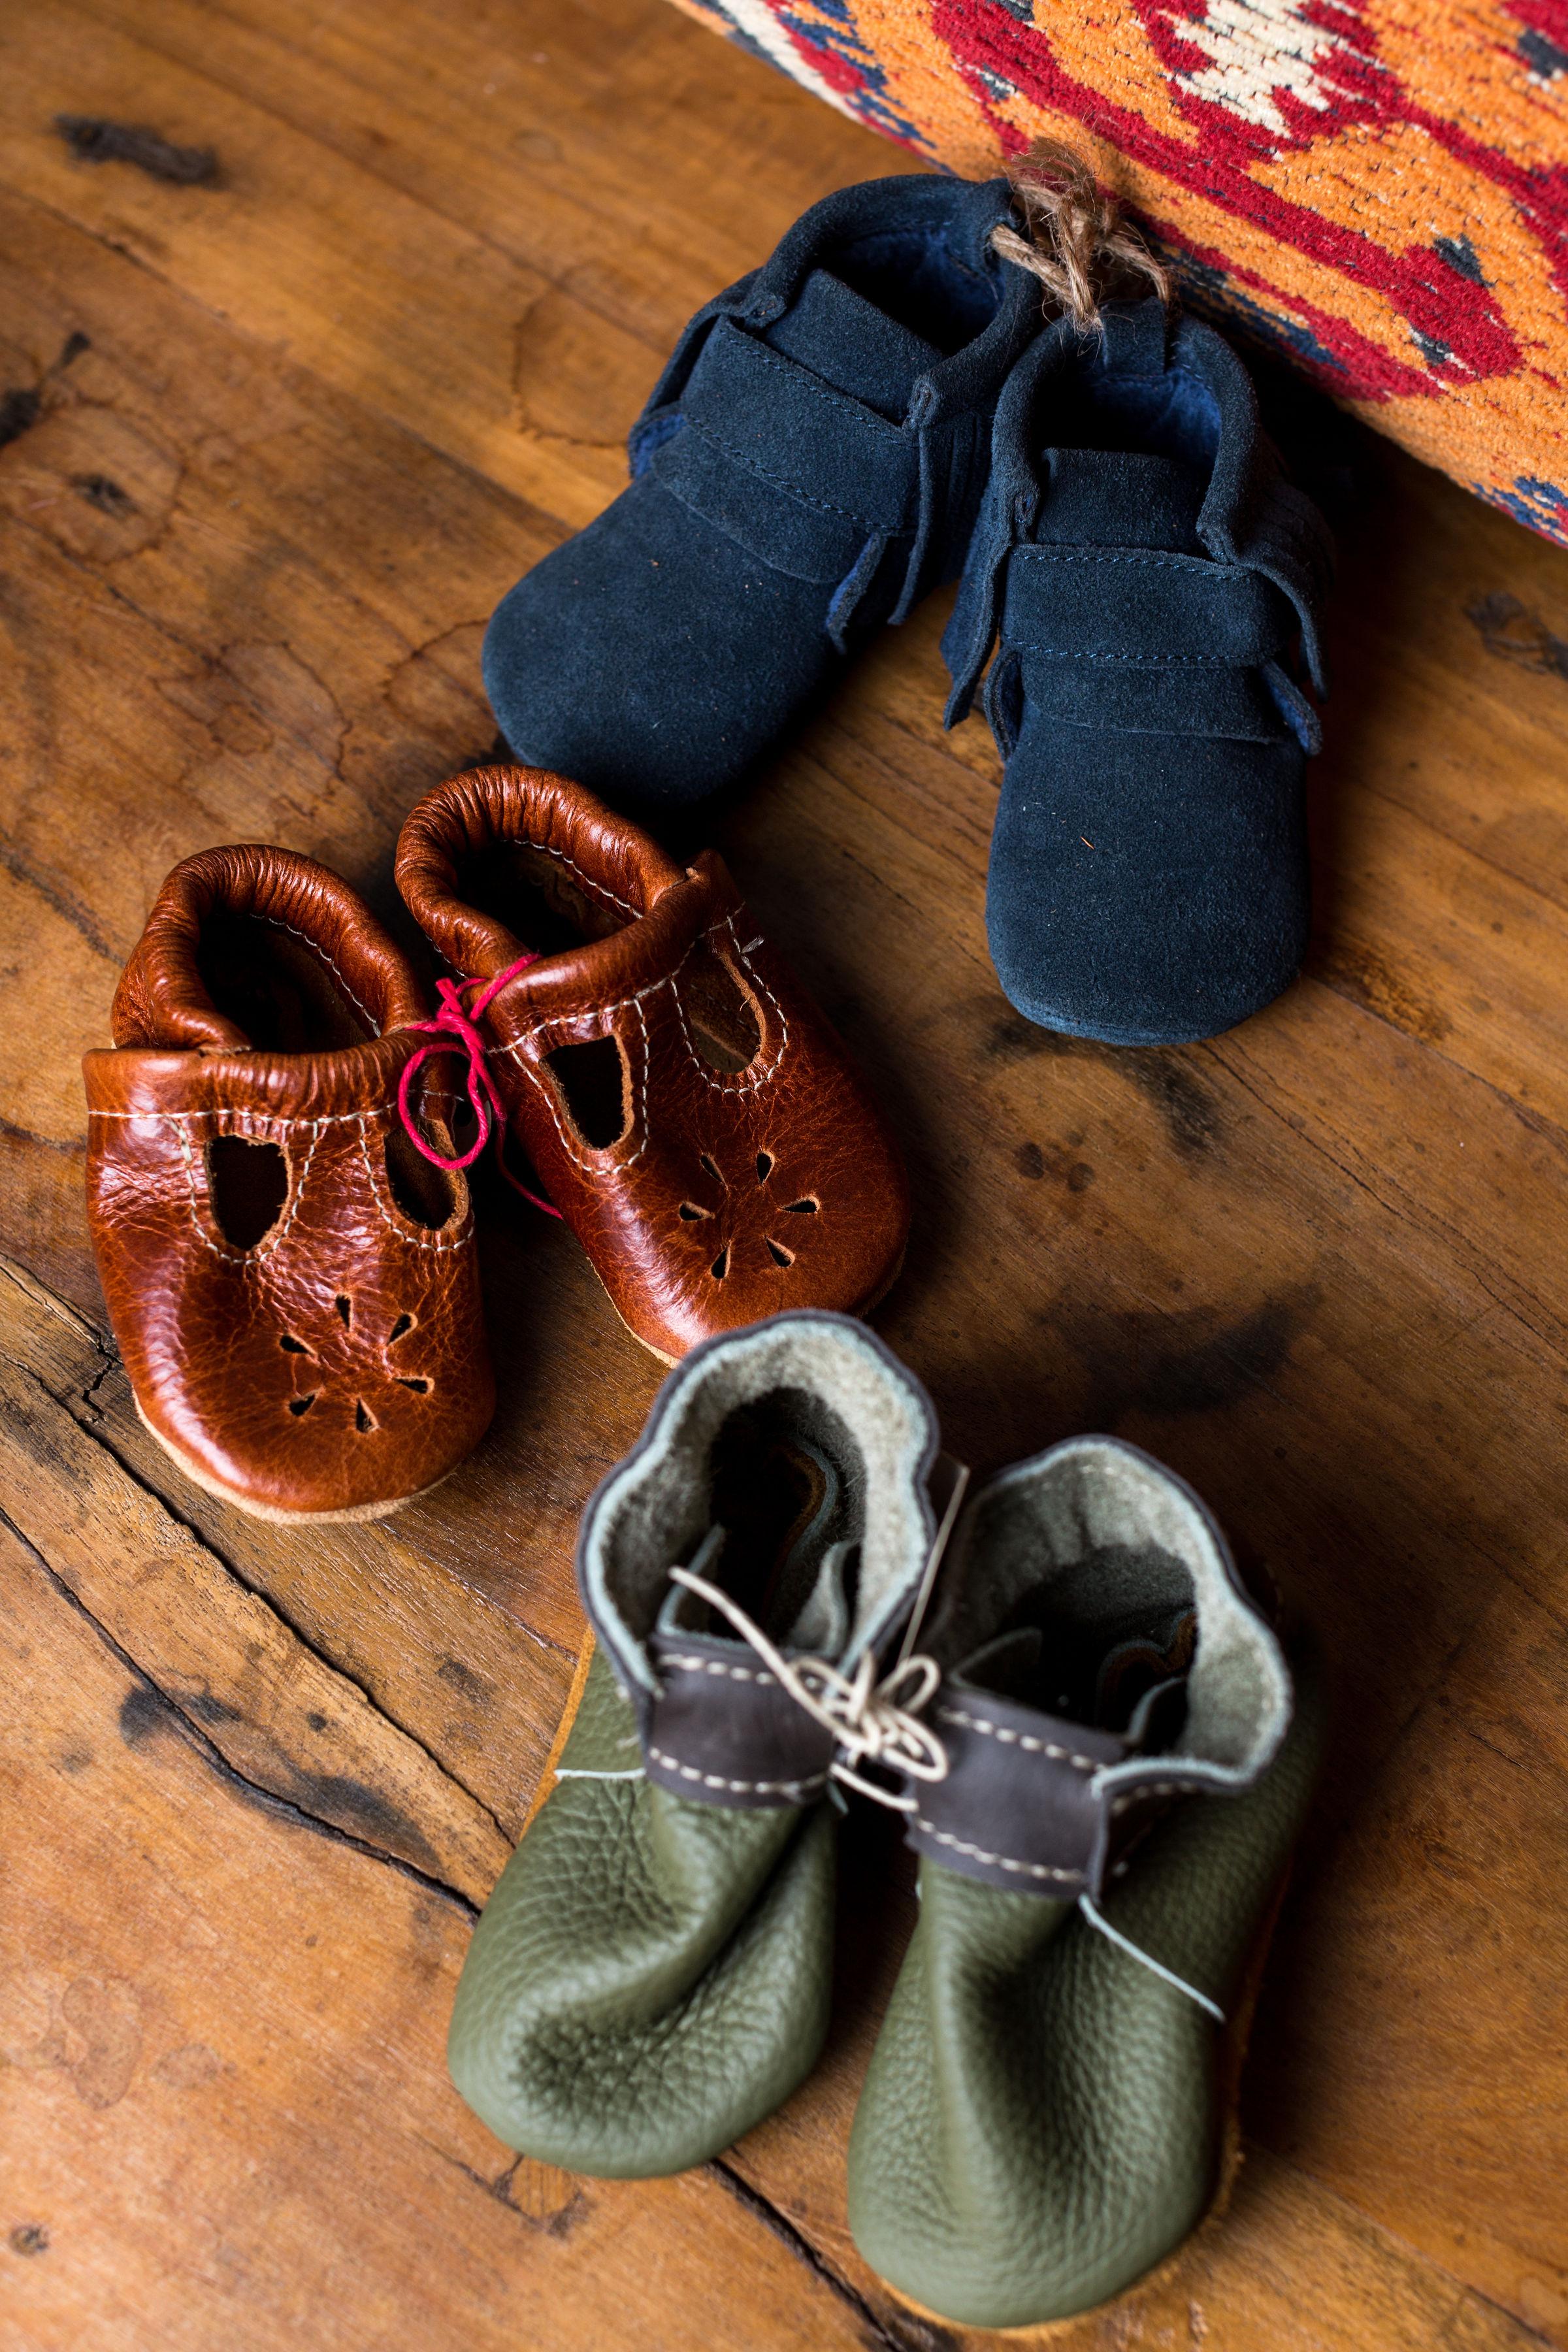 Baby Goods at Indigo Elephant